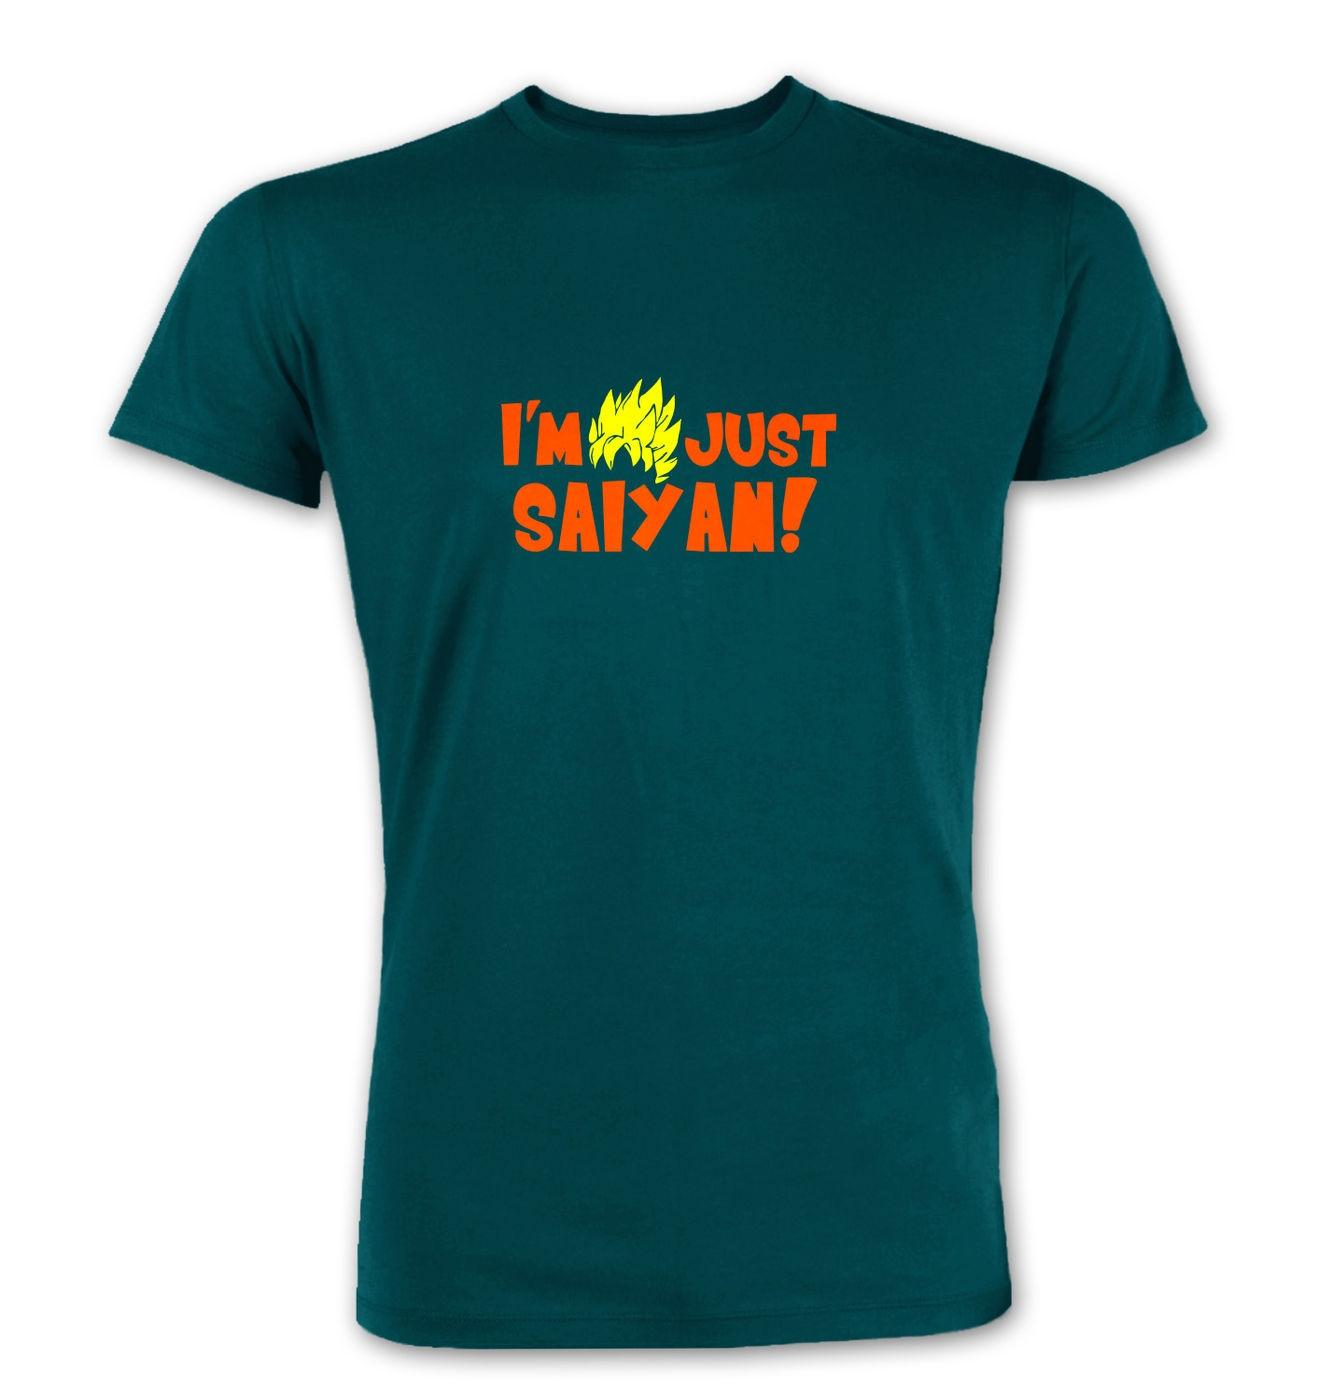 I'm Just Saiyan premium t-shirt by Something Geeky